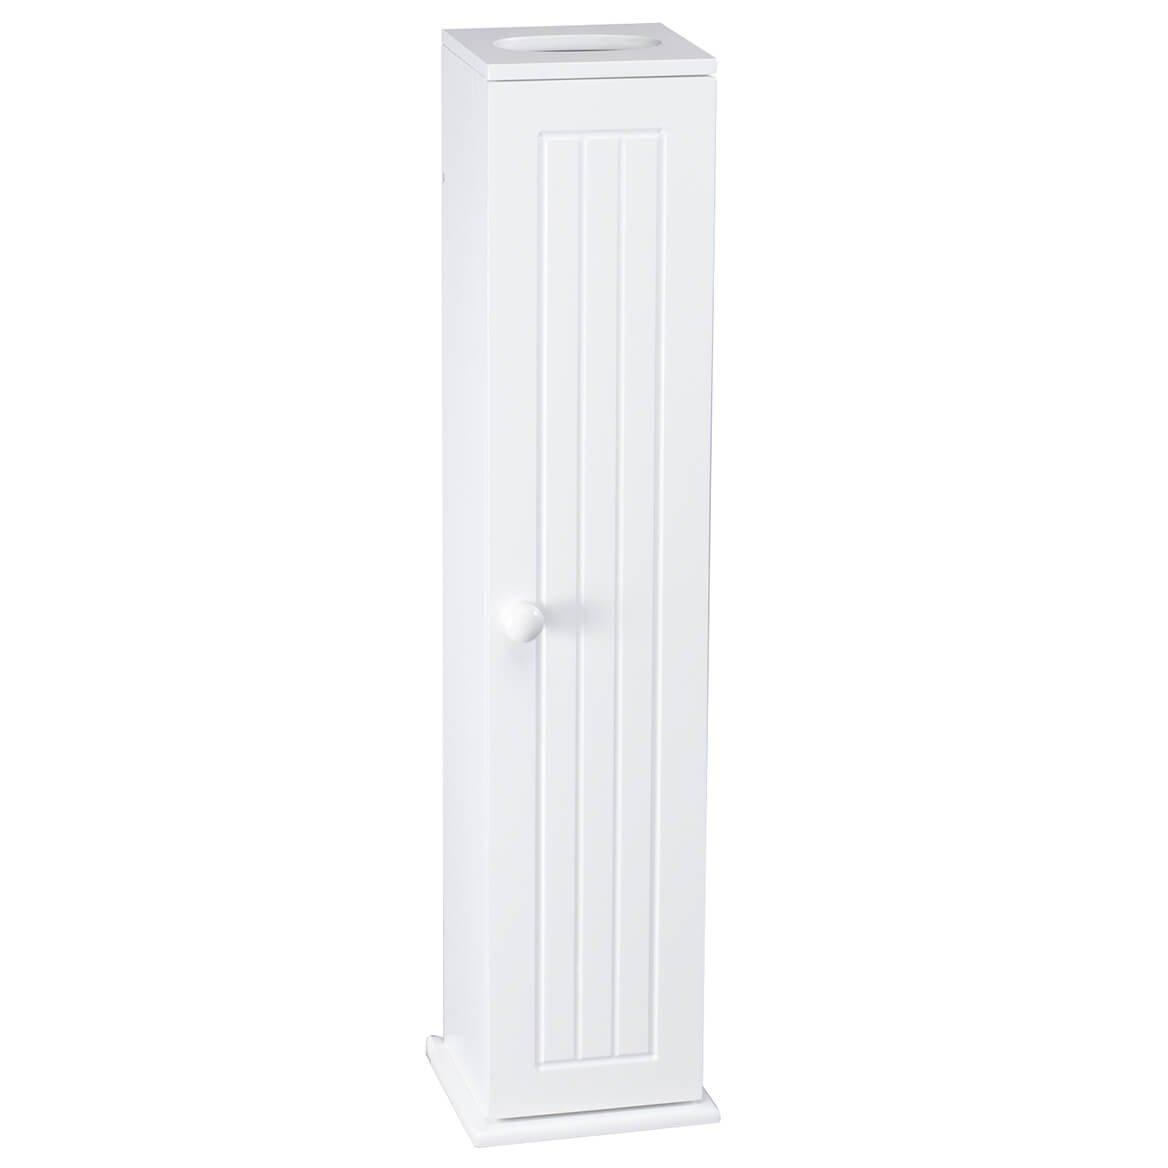 OakRidge White Compact Toilet Tissue Storage Tower